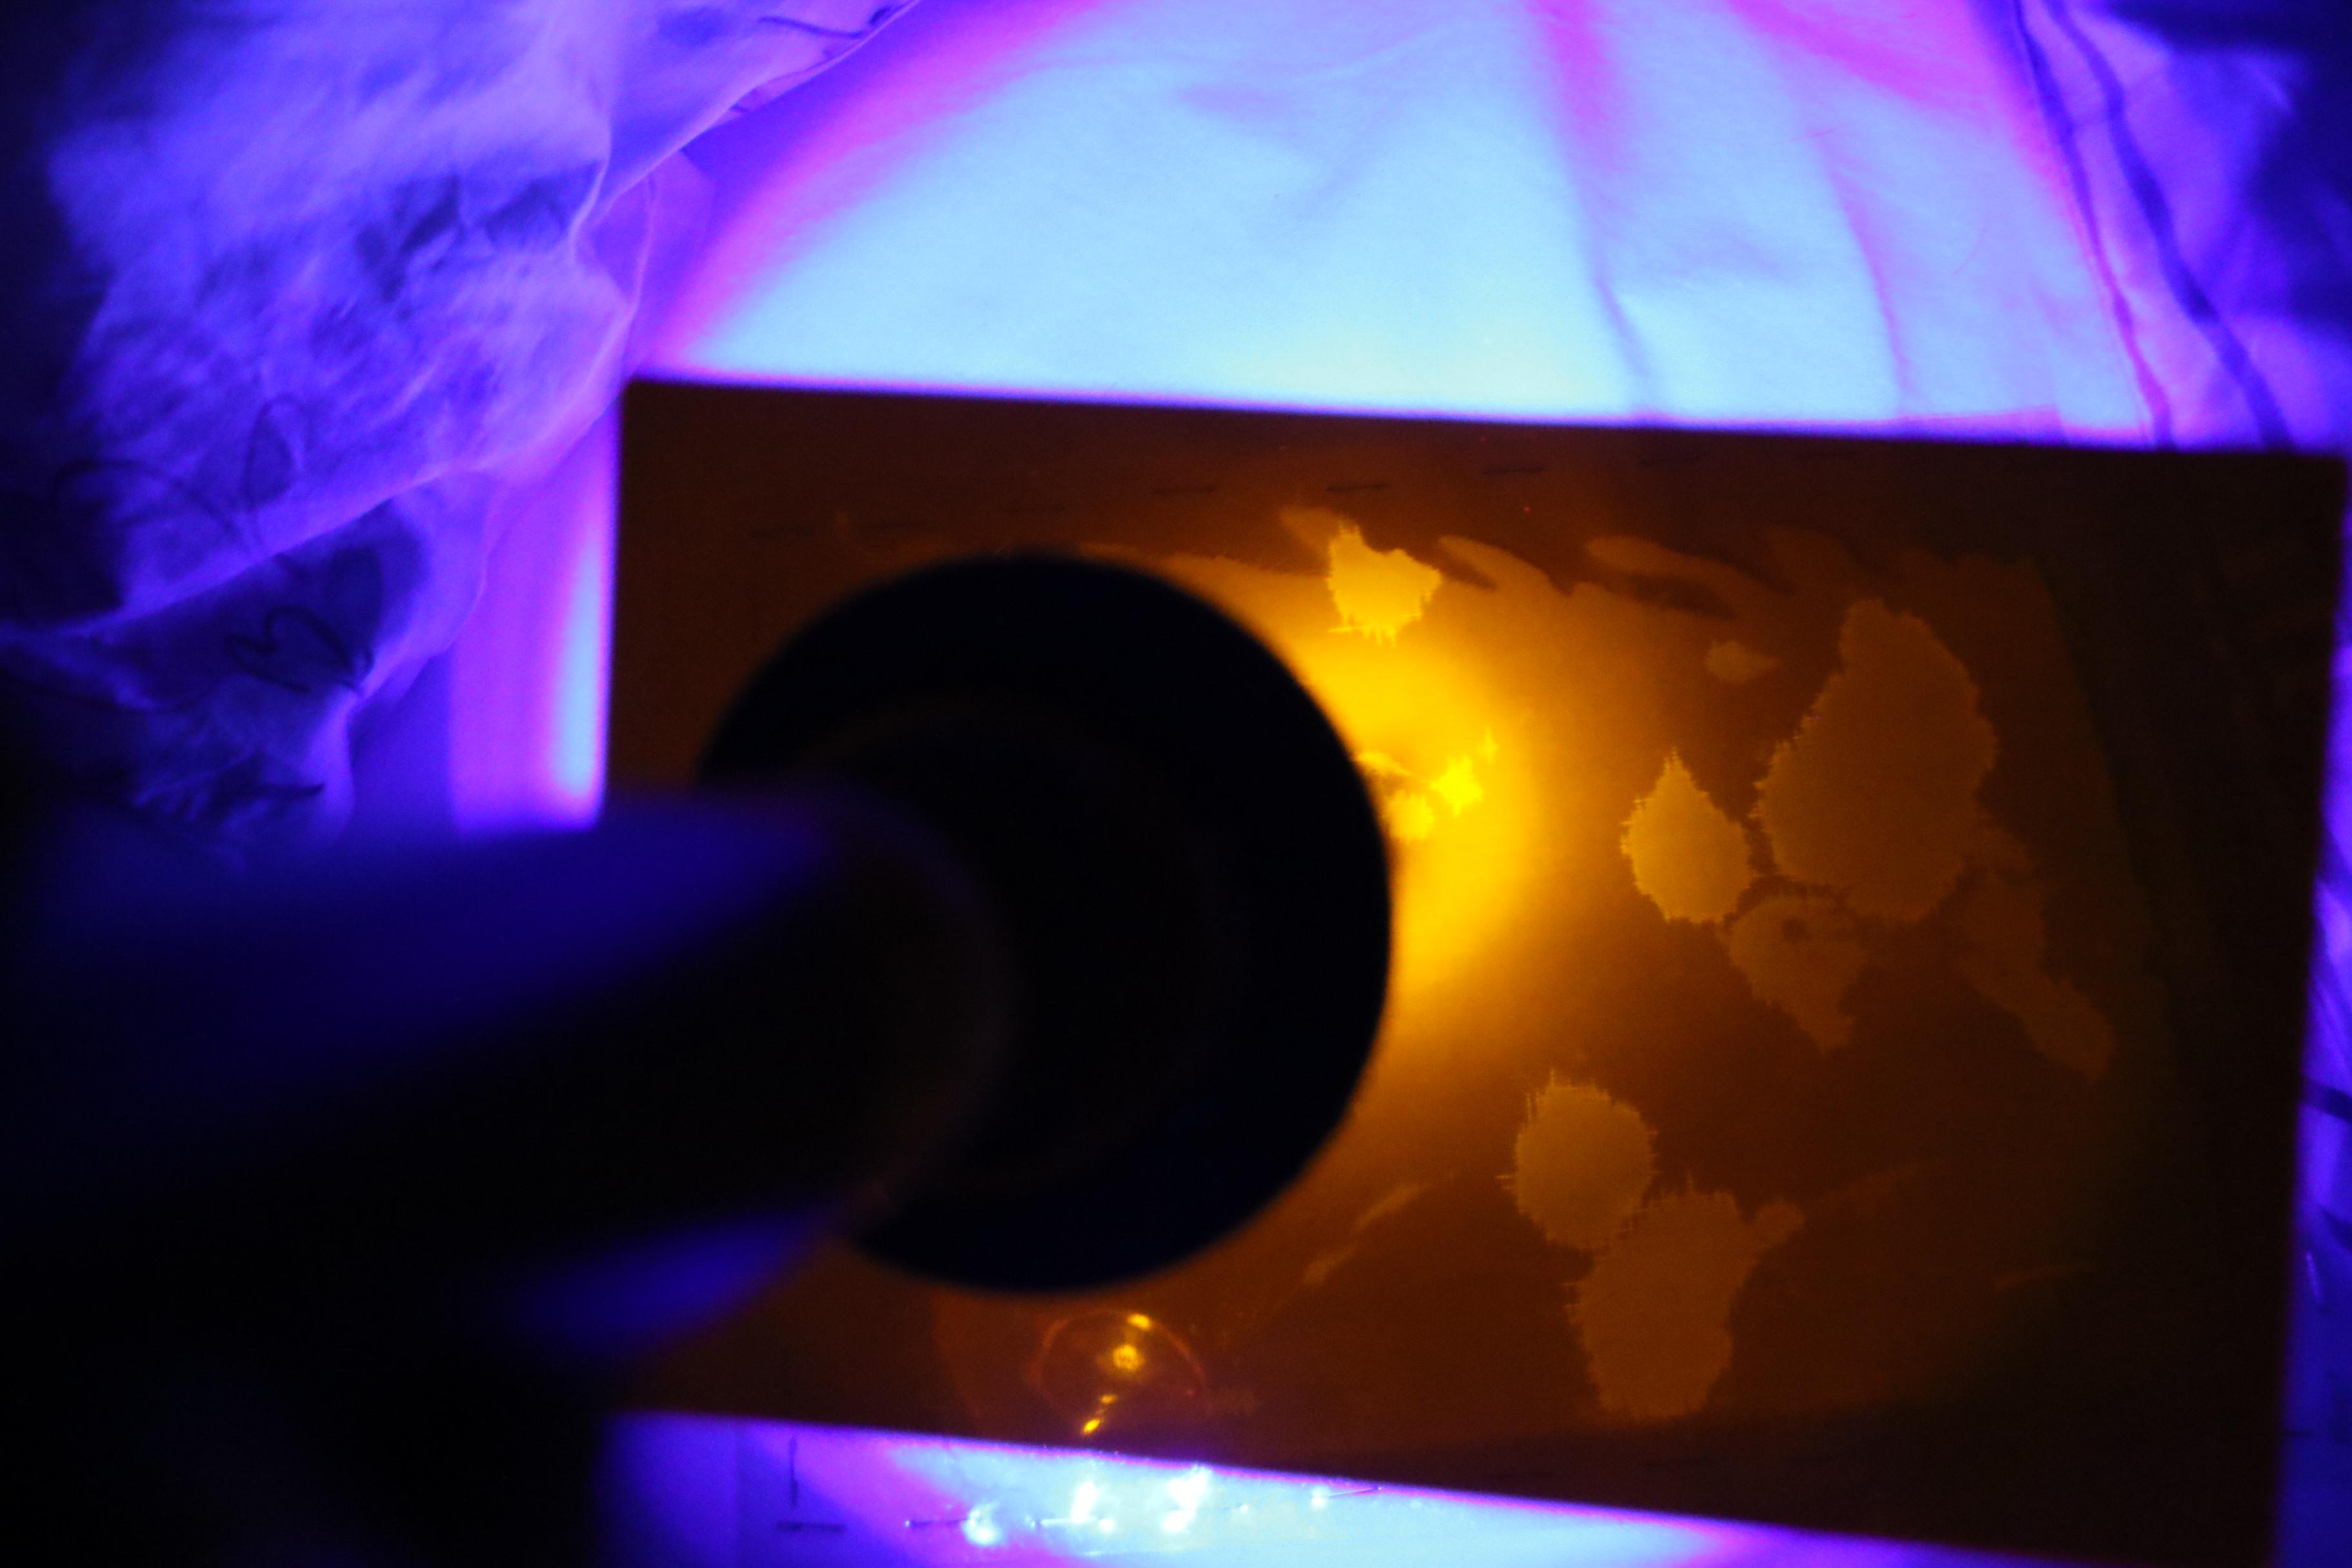 lampe révèle des traces